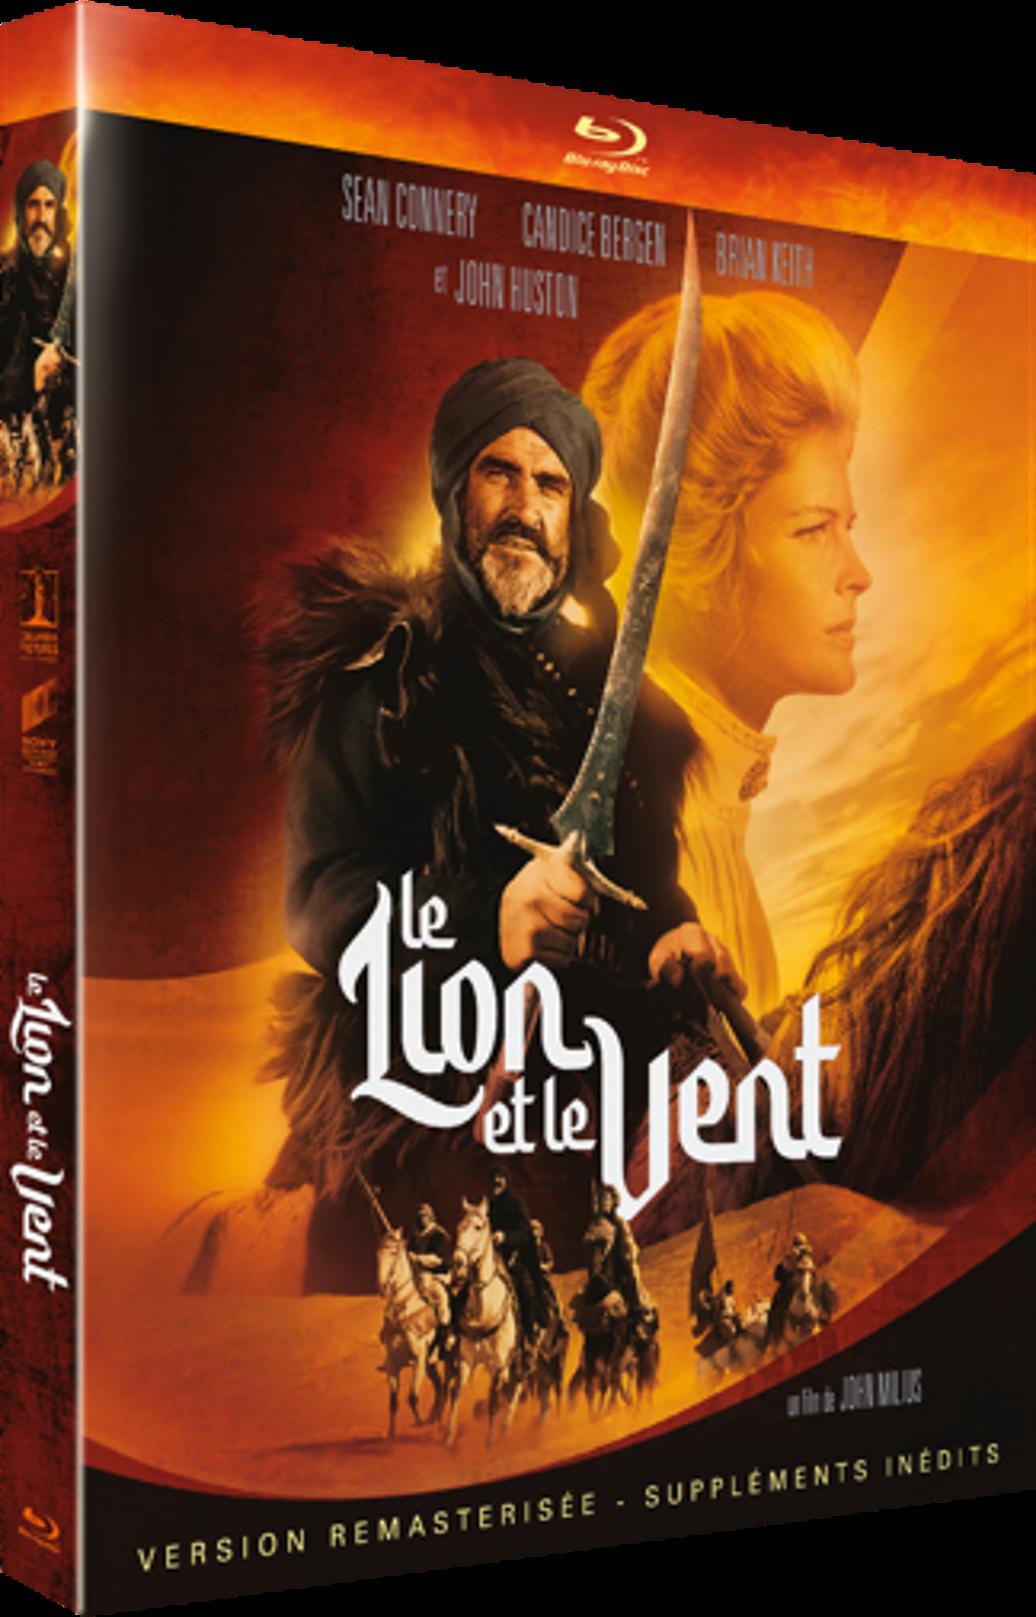 LE LION ET LE VENT - BRD